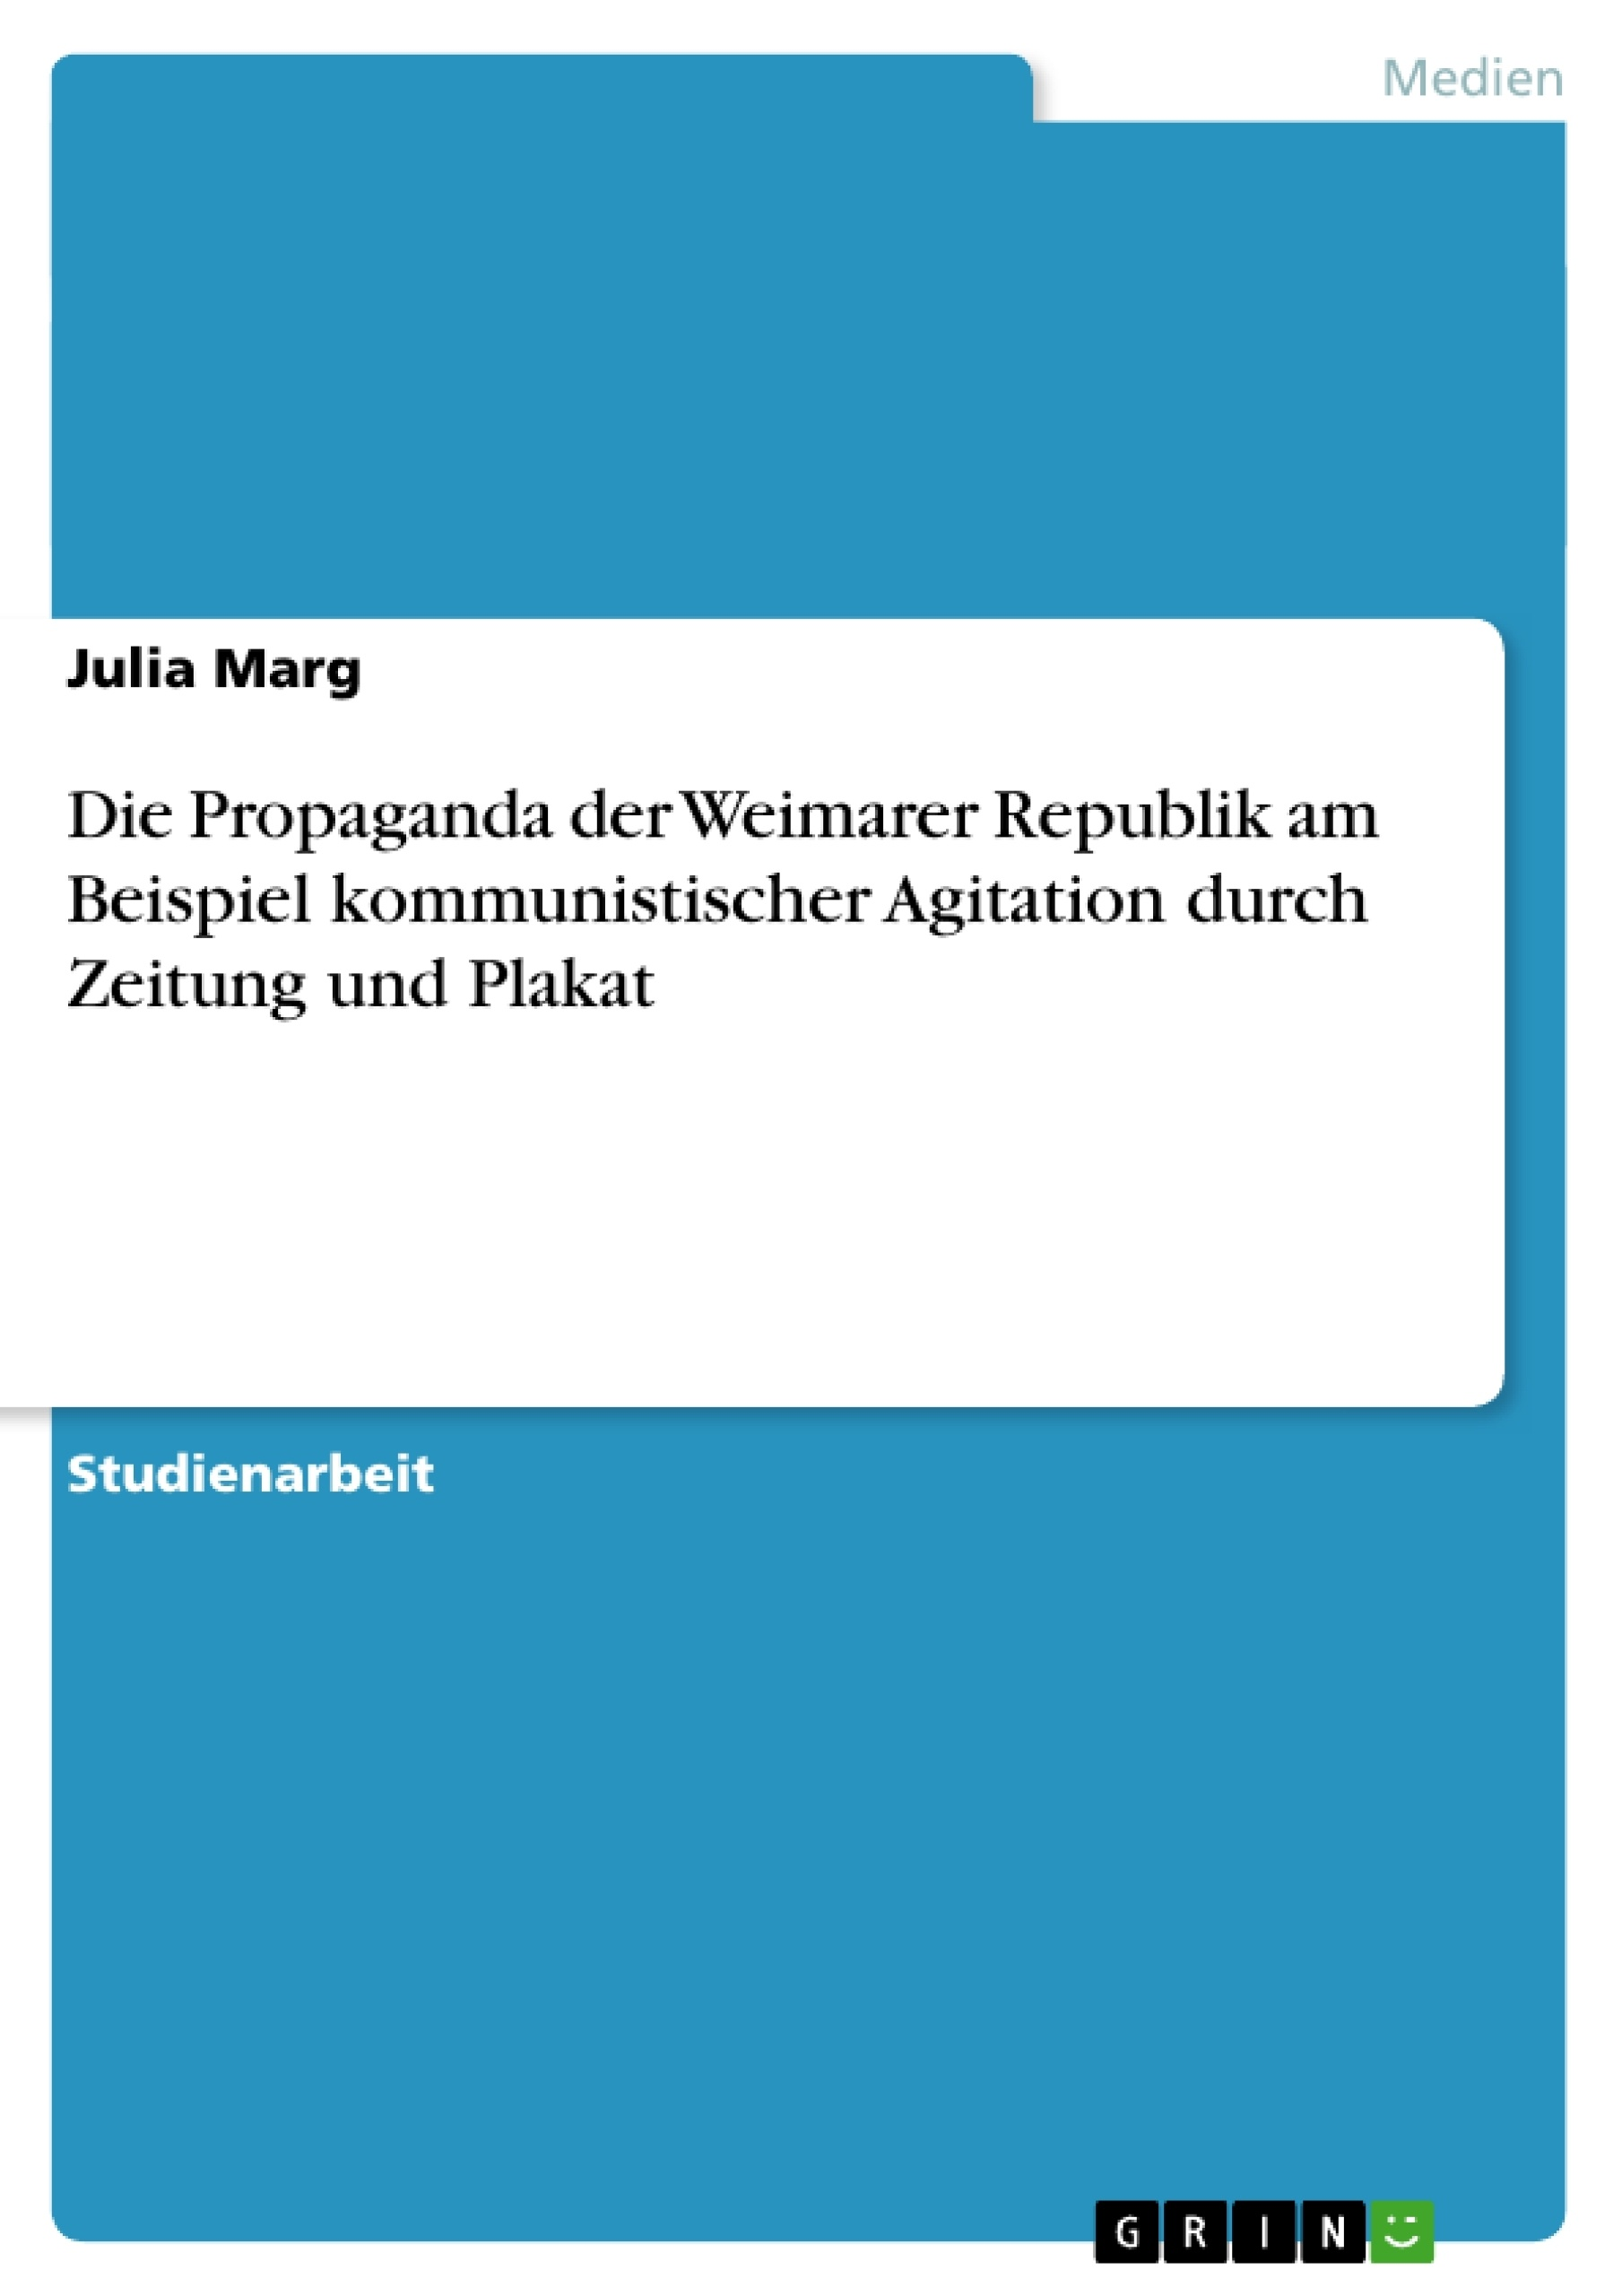 Titel: Die Propaganda der Weimarer Republik am Beispiel kommunistischer Agitation durch Zeitung und Plakat